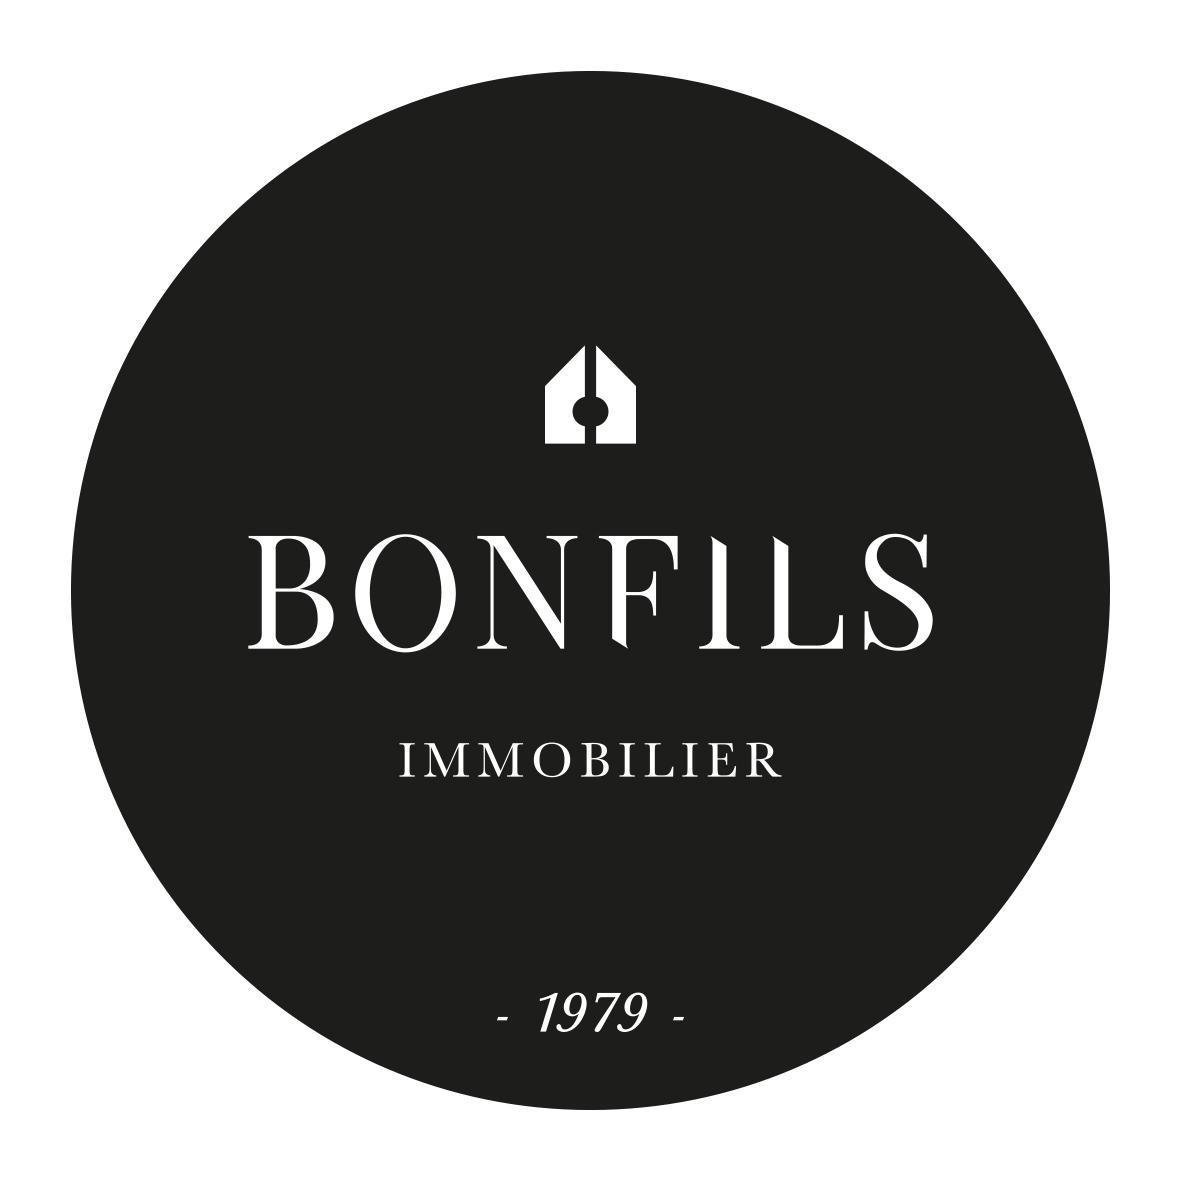 Bonfils Immobilier agence immobilière Villeneuve-Lès-Avignon (30400)